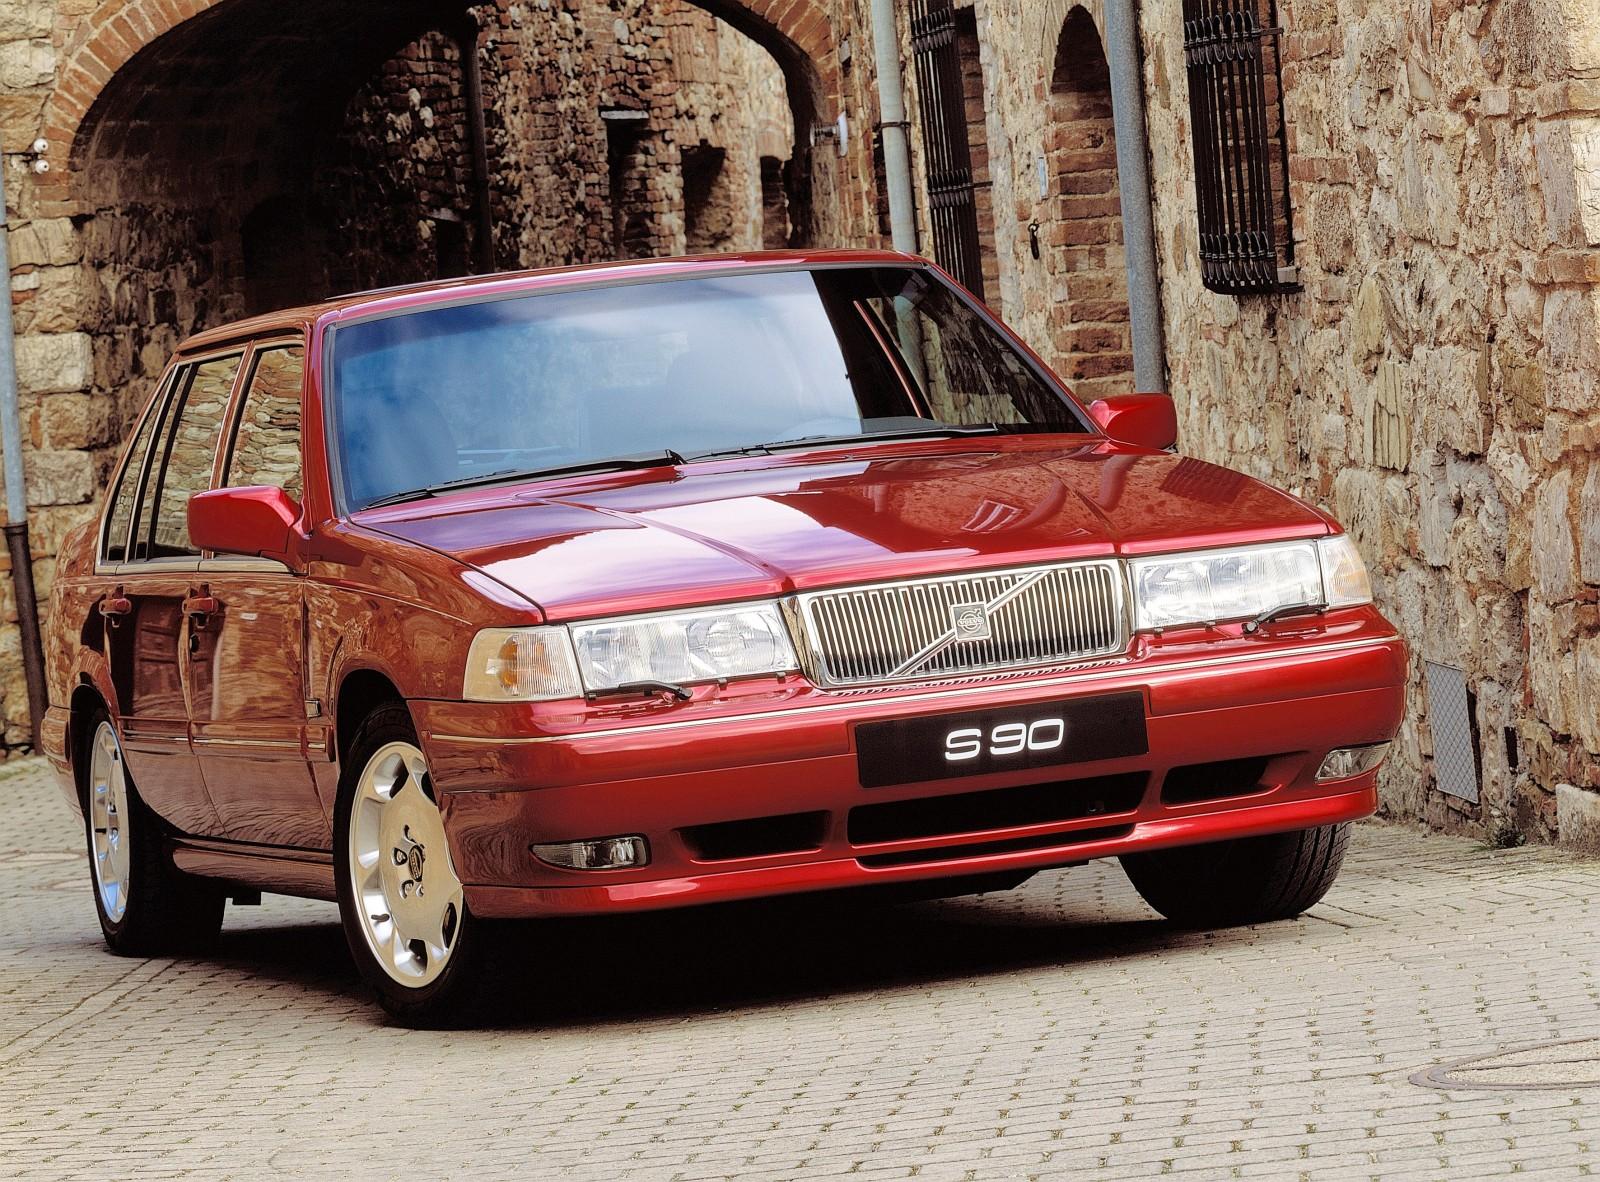 Den mer exklusiva 960-modellen genomgick en facelift till 1995 års modell och fick bland annat ett nytt utseende på fronten och en ny hjulupphängning bak.